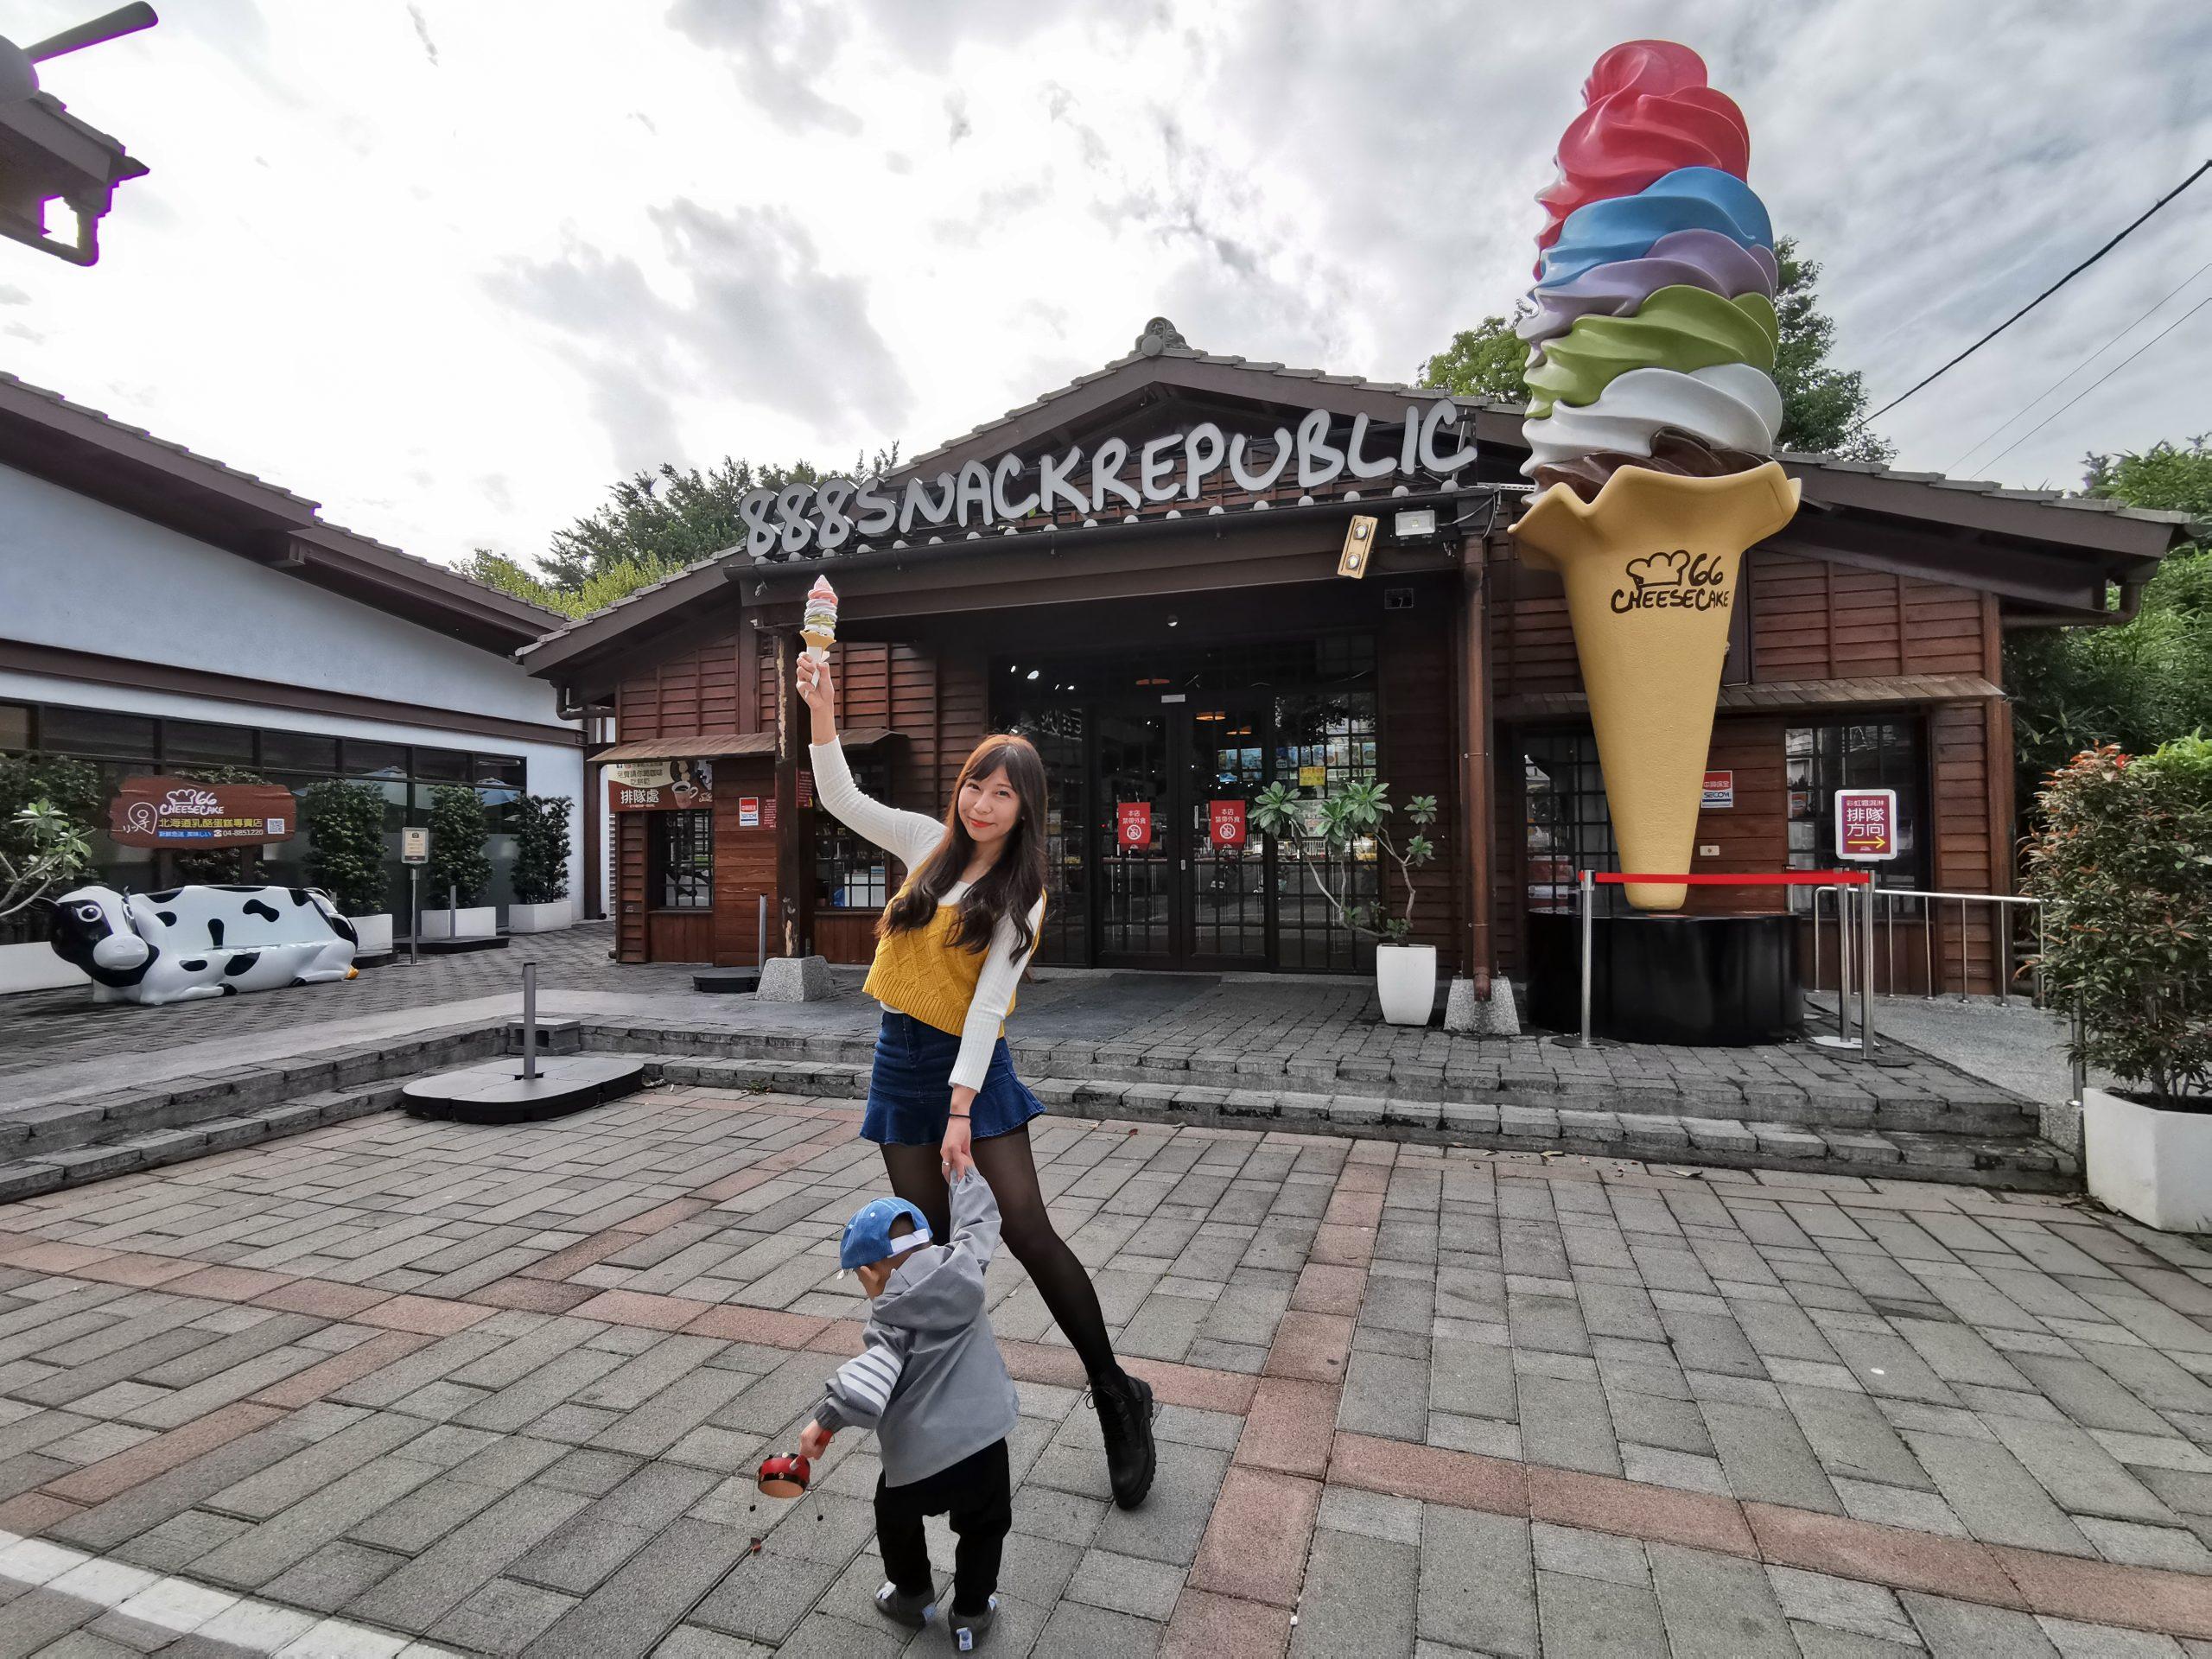 【彰化兩天一夜行程】彰化一日遊景點這樣玩?田園野餐,彩虹冰淇淋,鳥居拉麵,百萬夜景一次達陣! @小環妞 幸福足跡